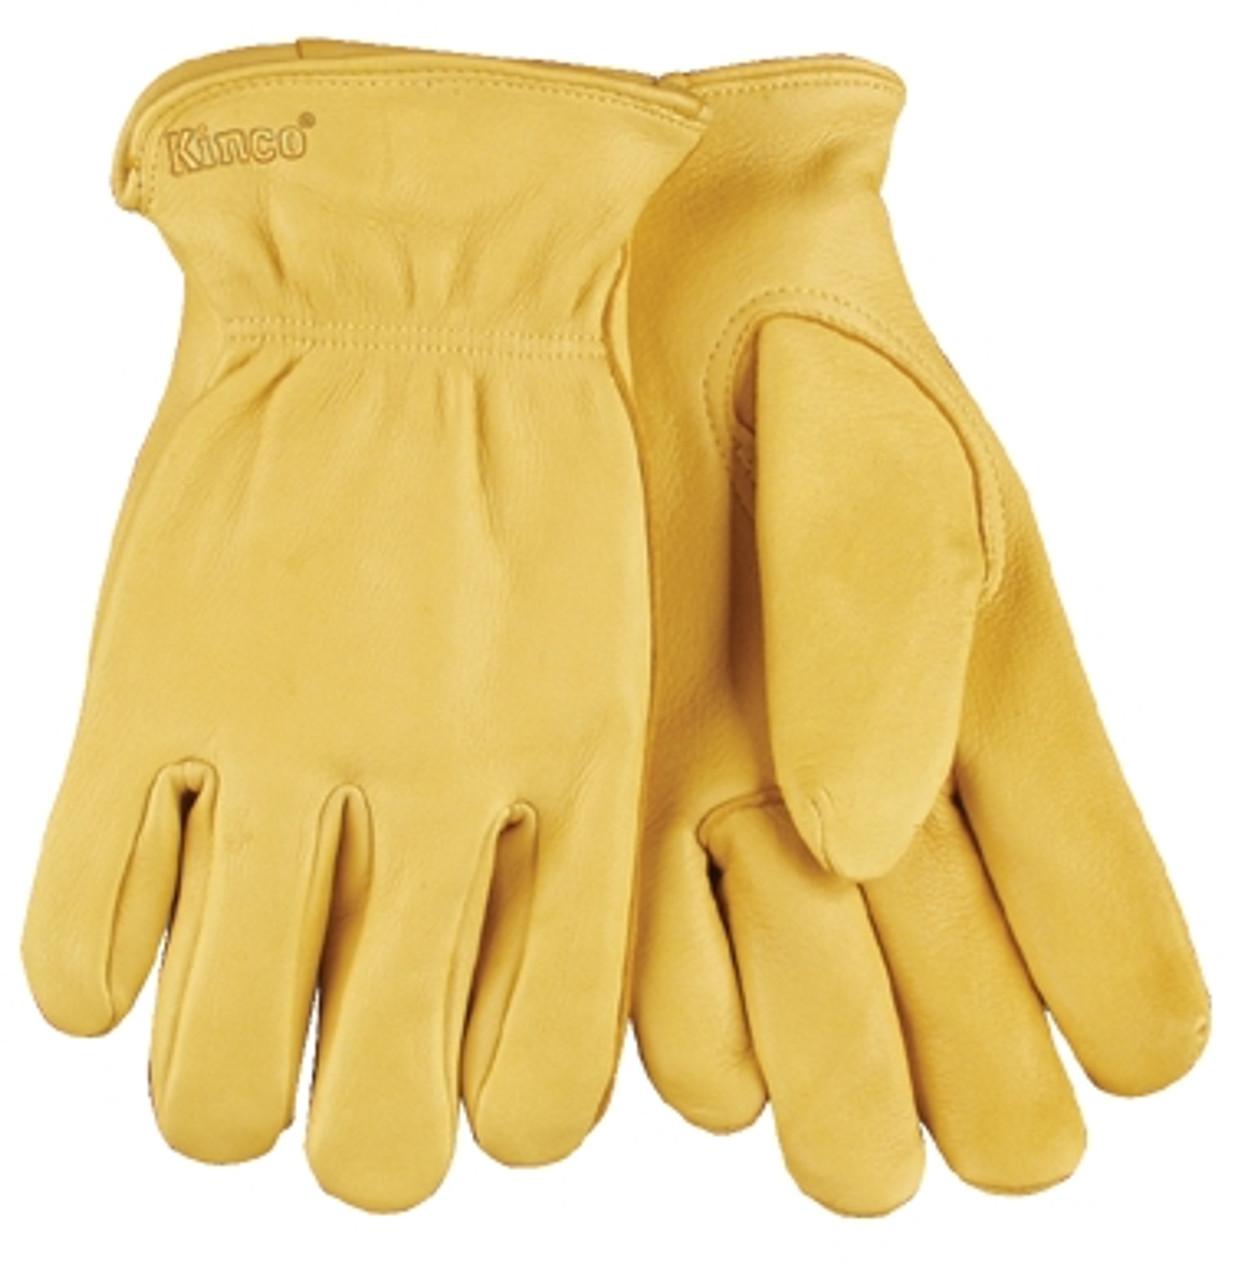 Deerskin Work Gloves